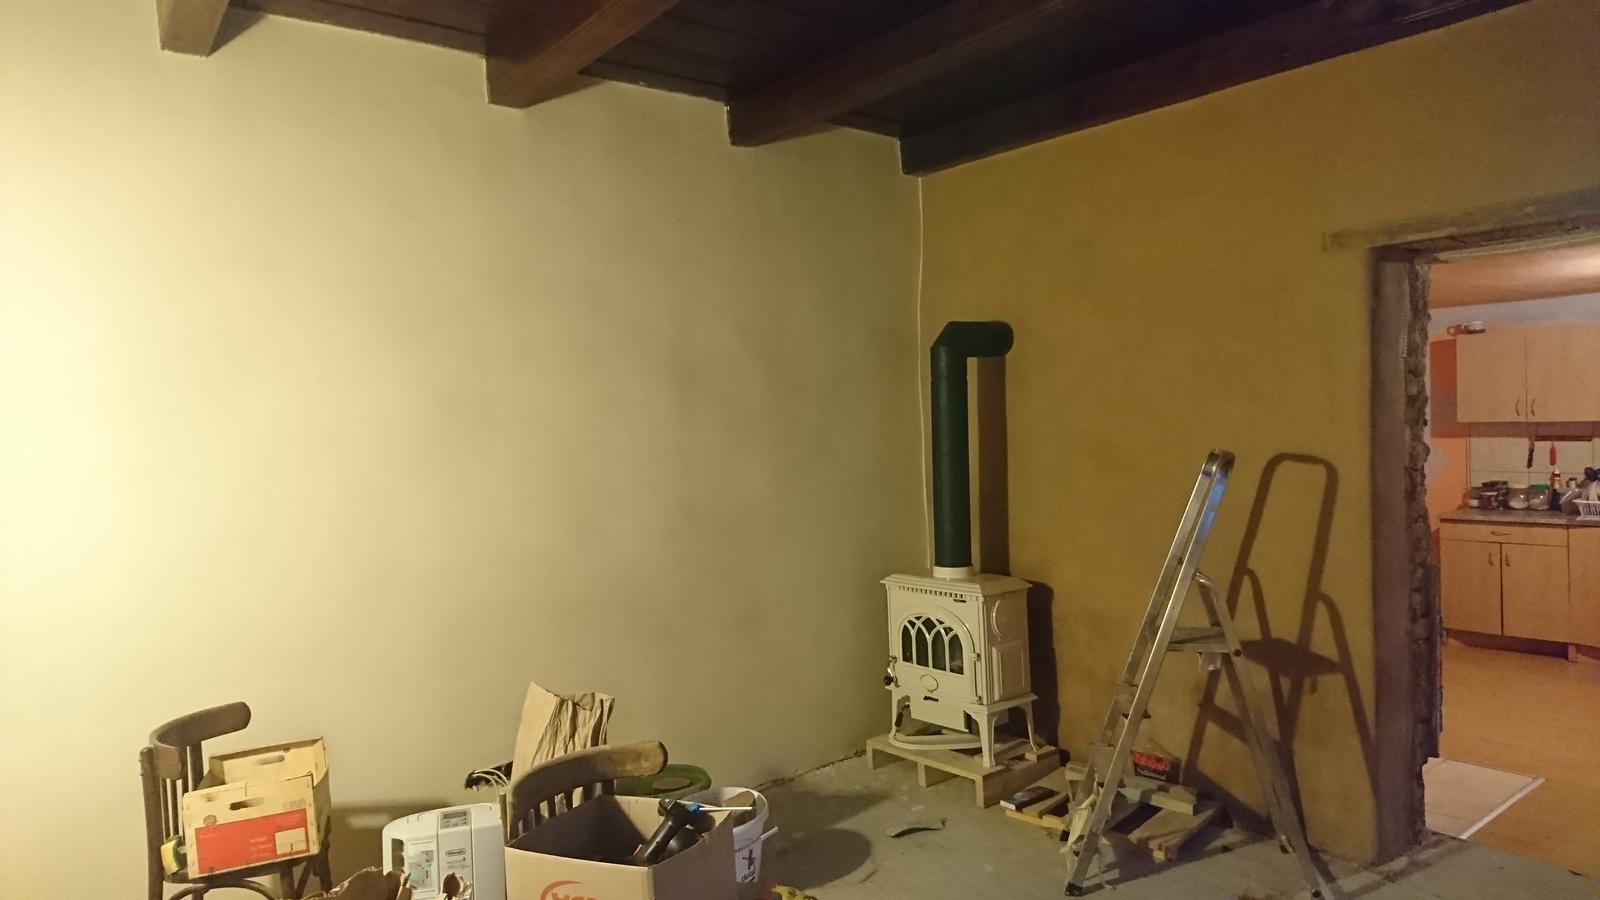 Náš domček - Toto bude obývačka